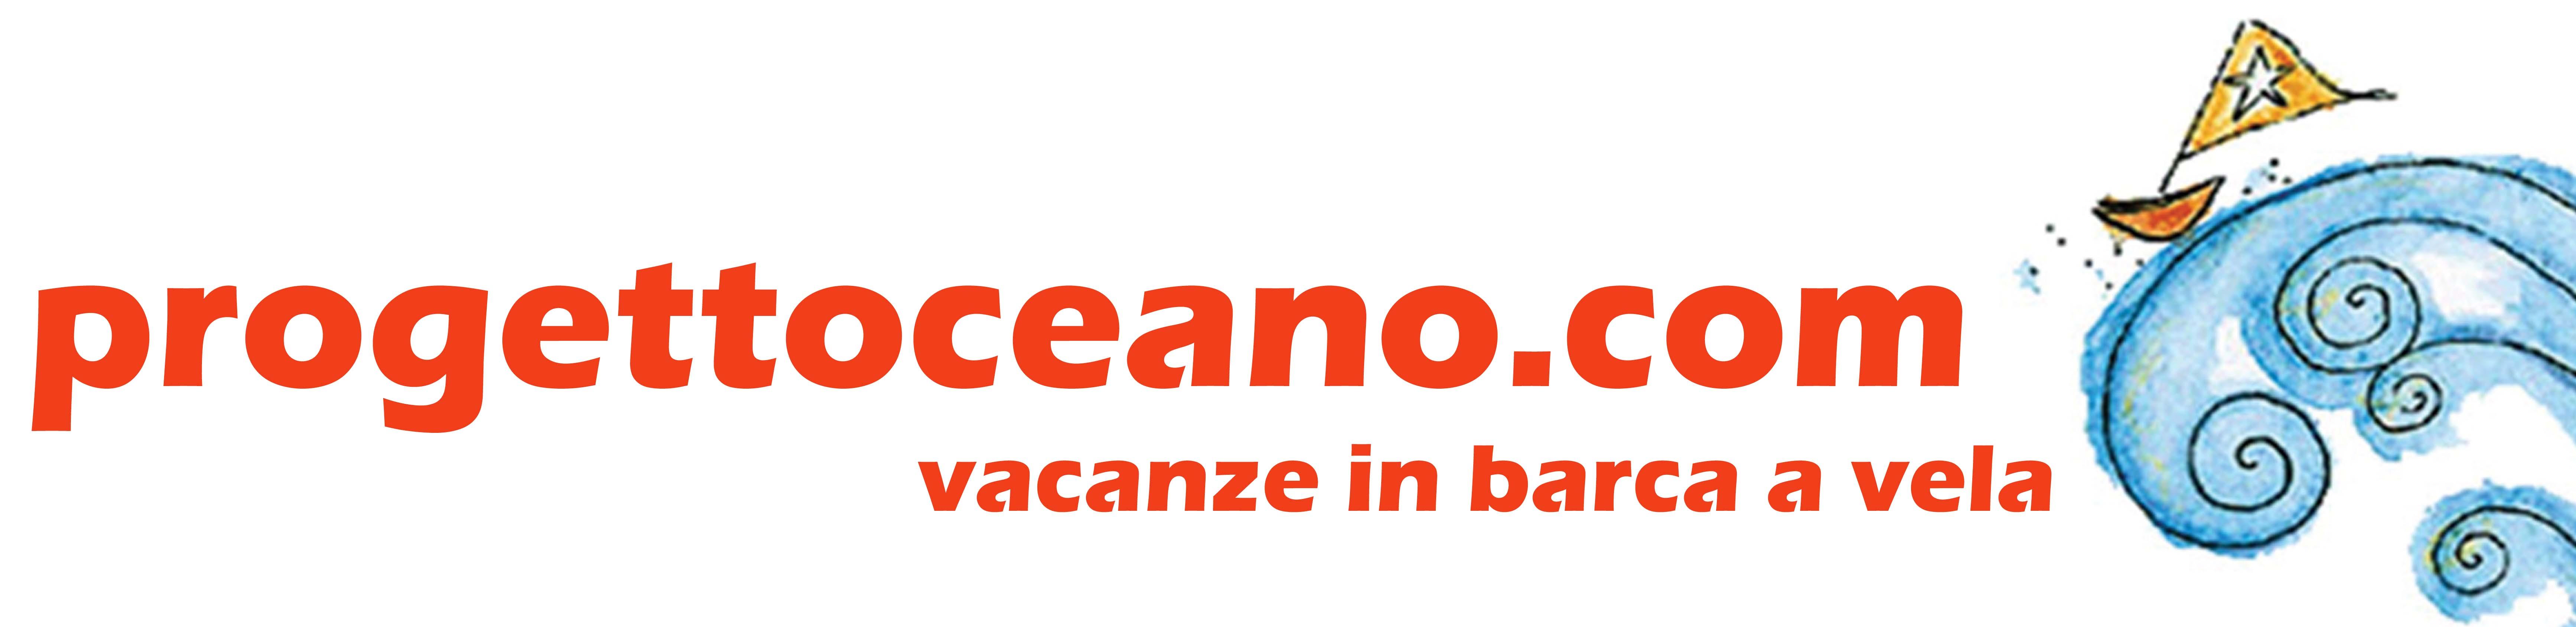 PROGETTOCEANO - logo